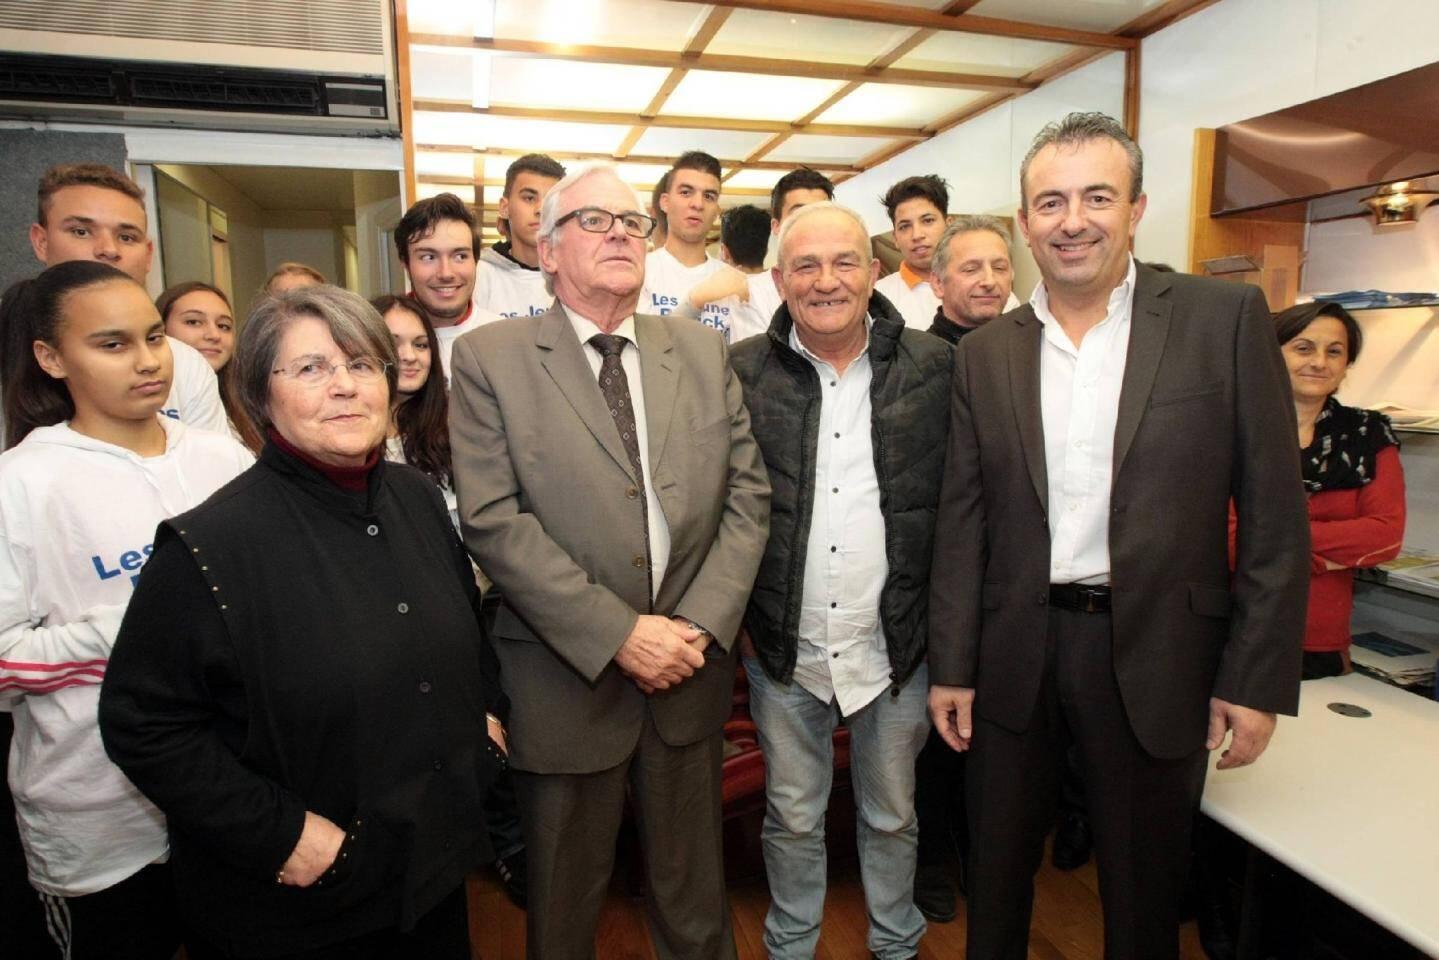 Patrick Biondo, candidat sans étiquette, pourra compter sur les conseils de Jean-Joël Pasquali, DGS de la ville de 2002 à 2005.